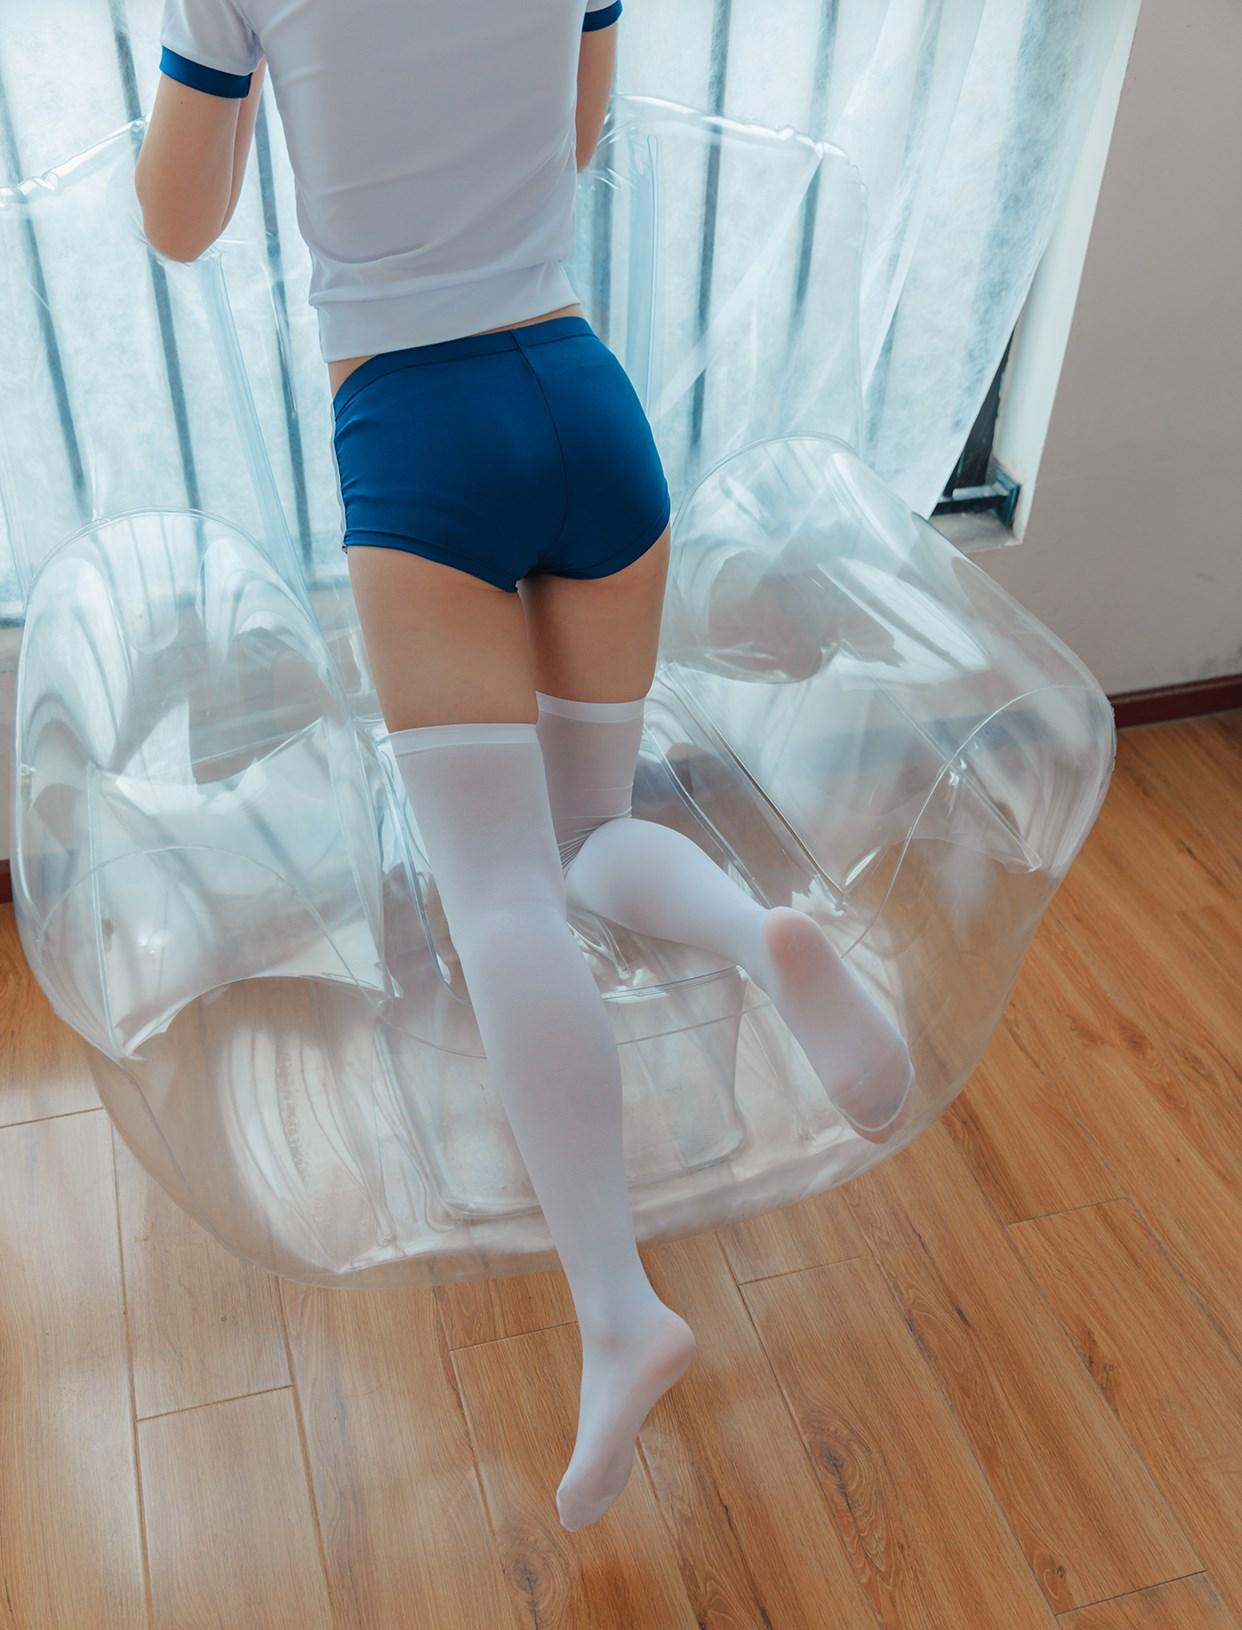 【兔玩映画】透明椅上的白丝! 兔玩映画 第4张